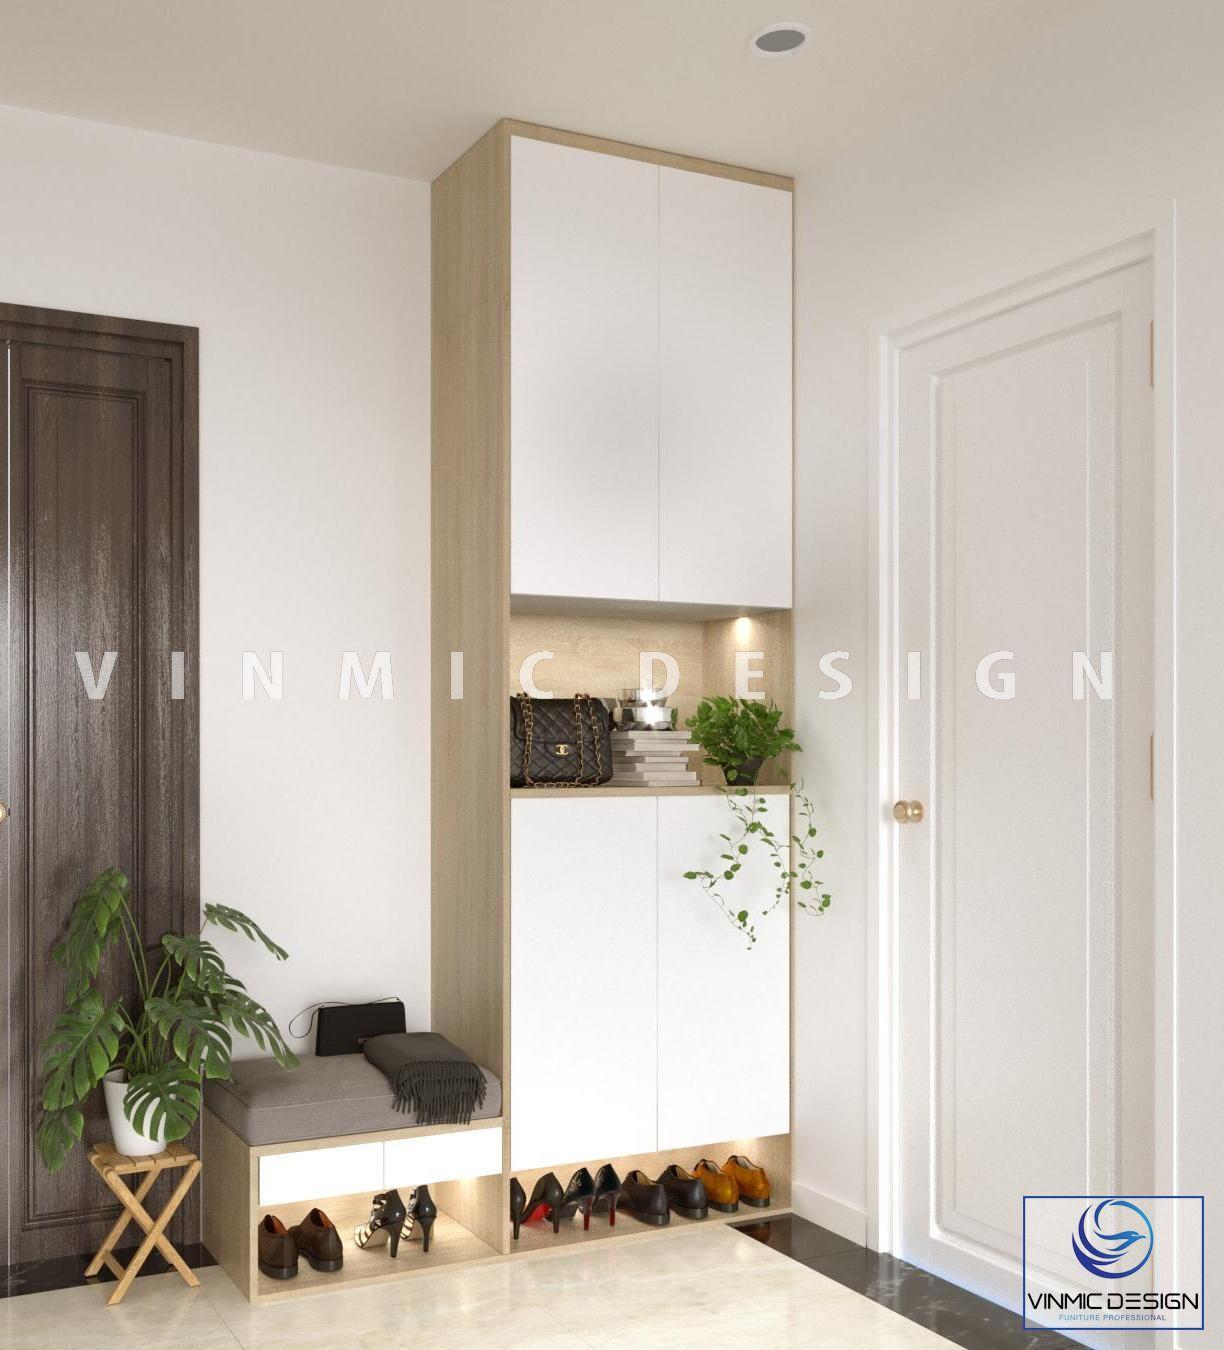 Thiết kế tủ giày đơn giản